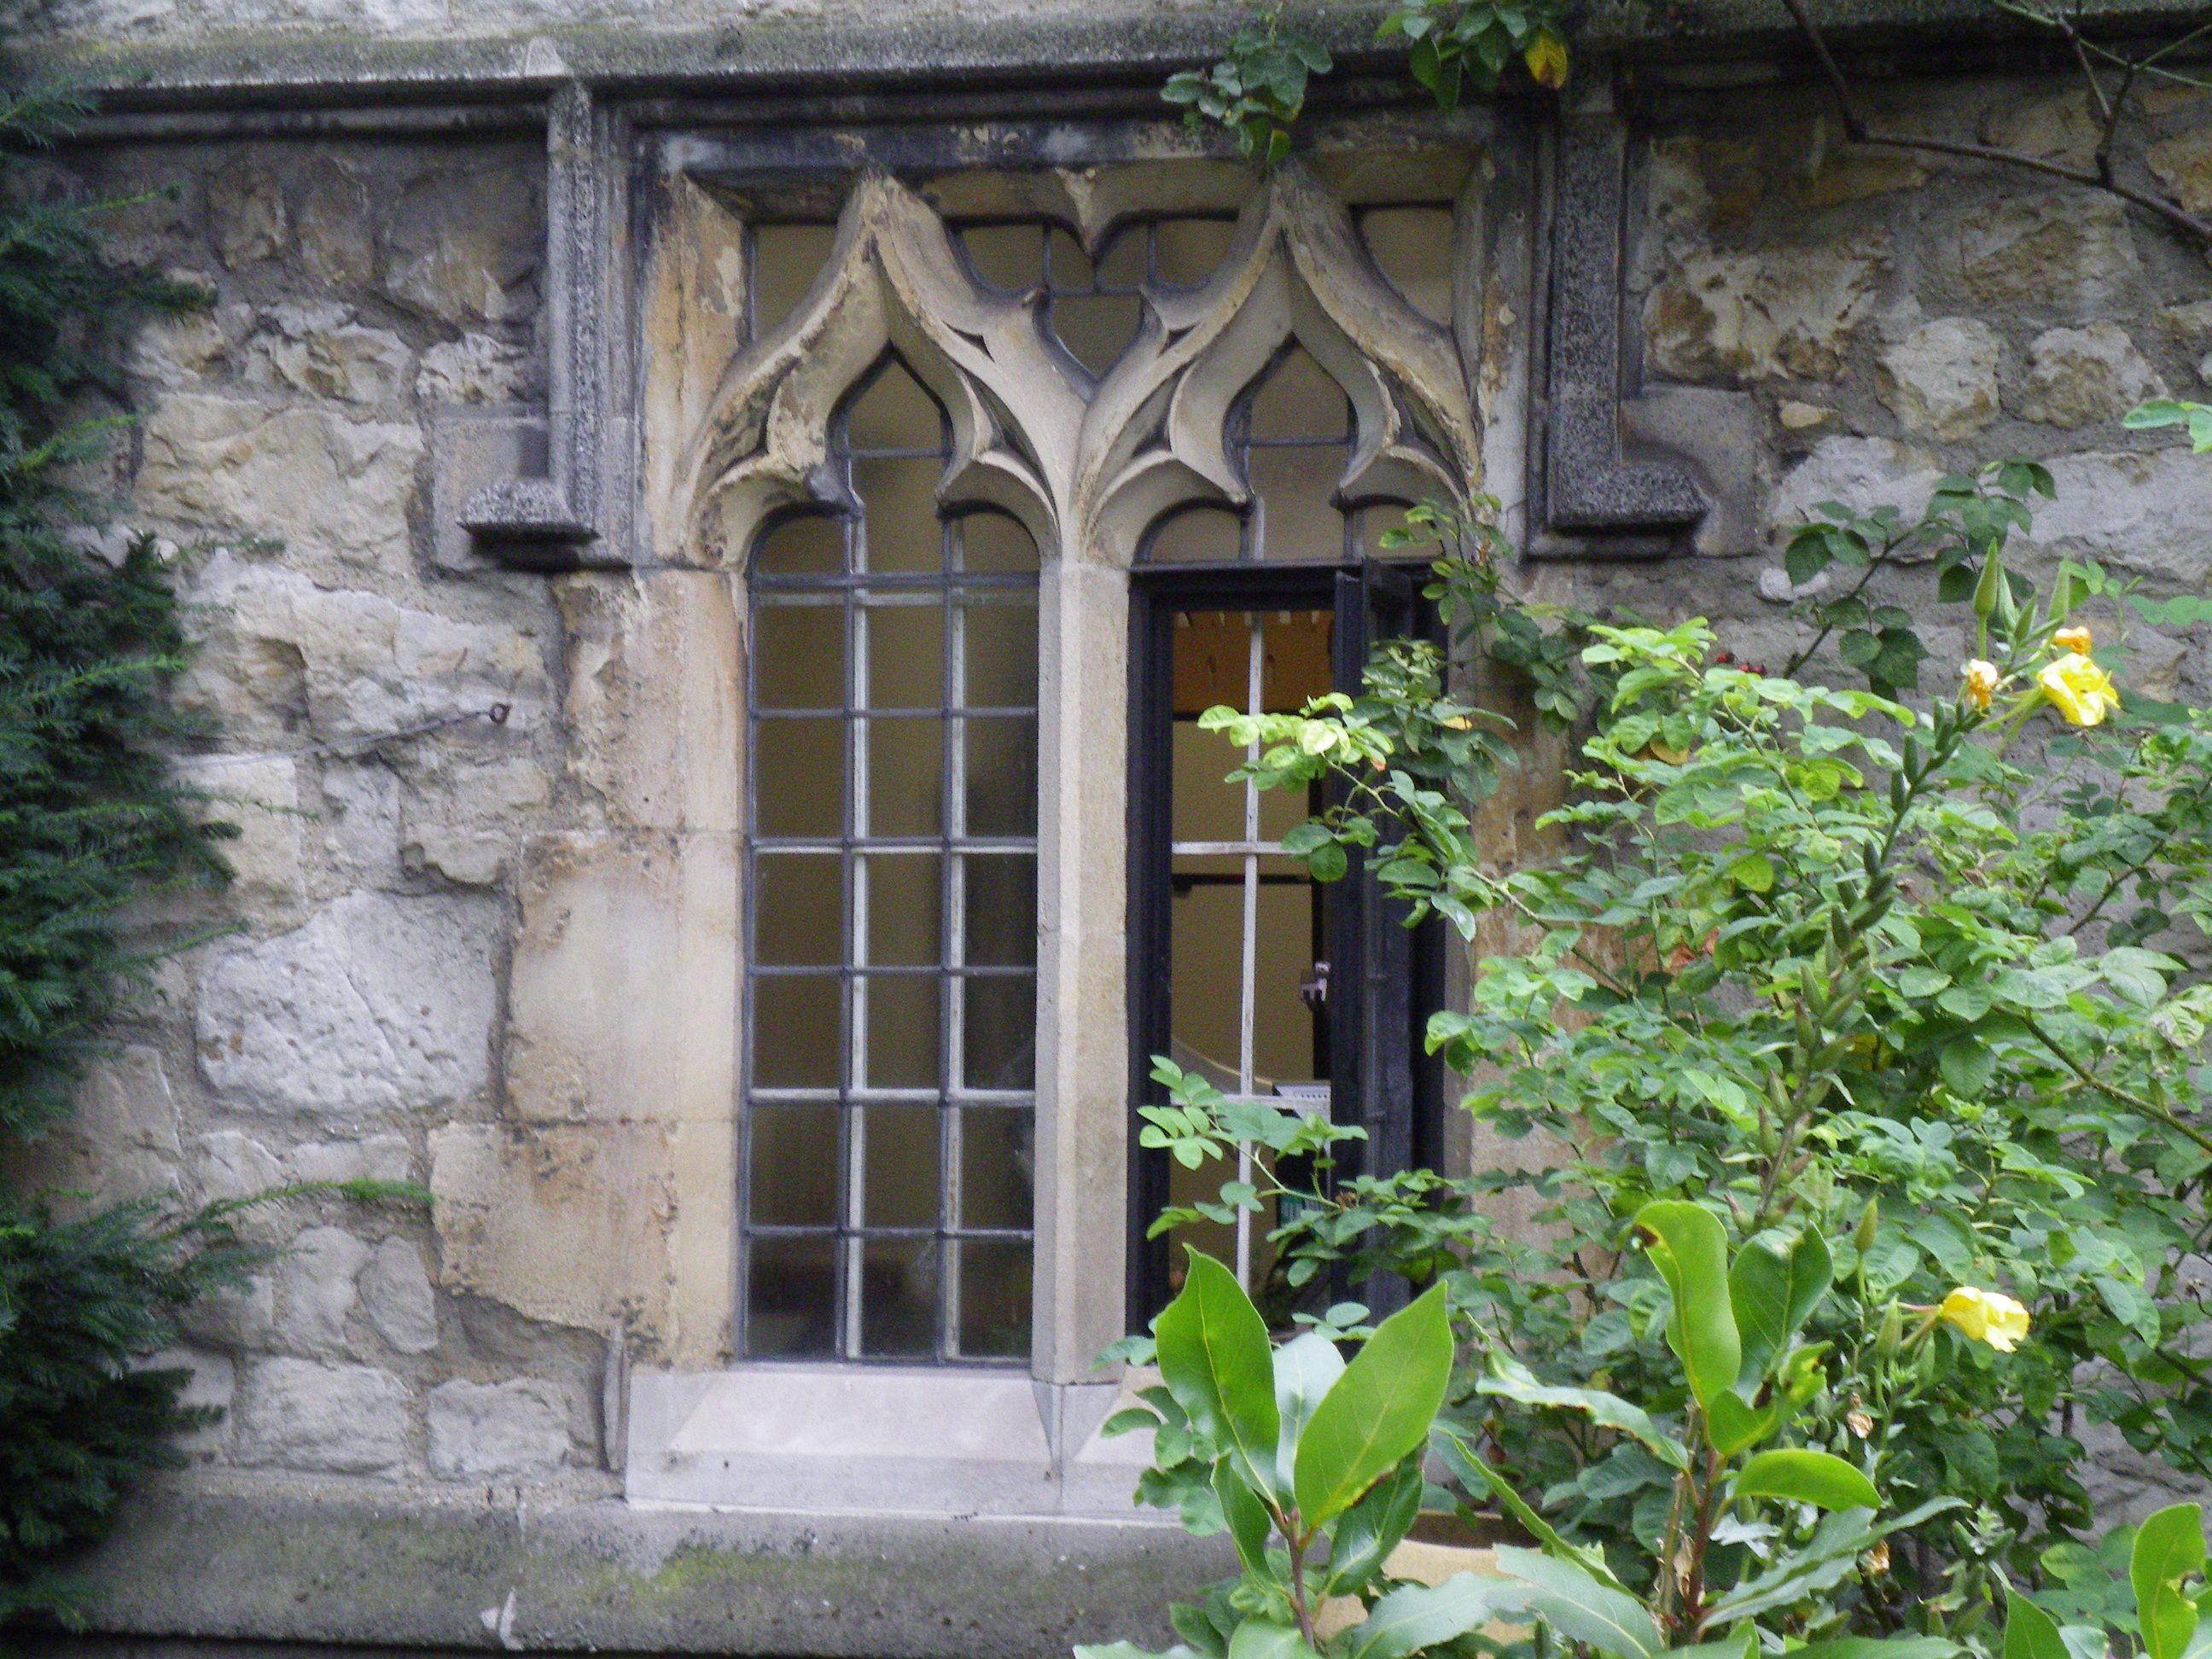 Londres, the garden museum